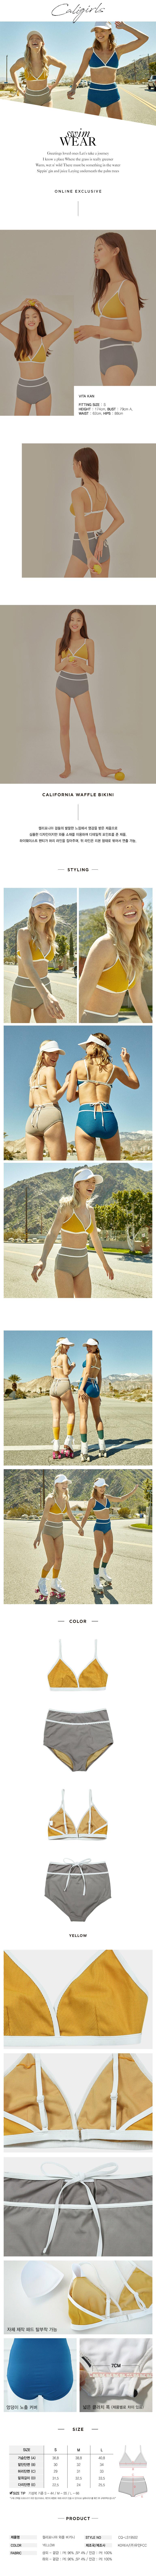 코랄리크(CORALIQUE) [S사이즈 전량 매진] 캘리포니아 와플 비키니 옐로우